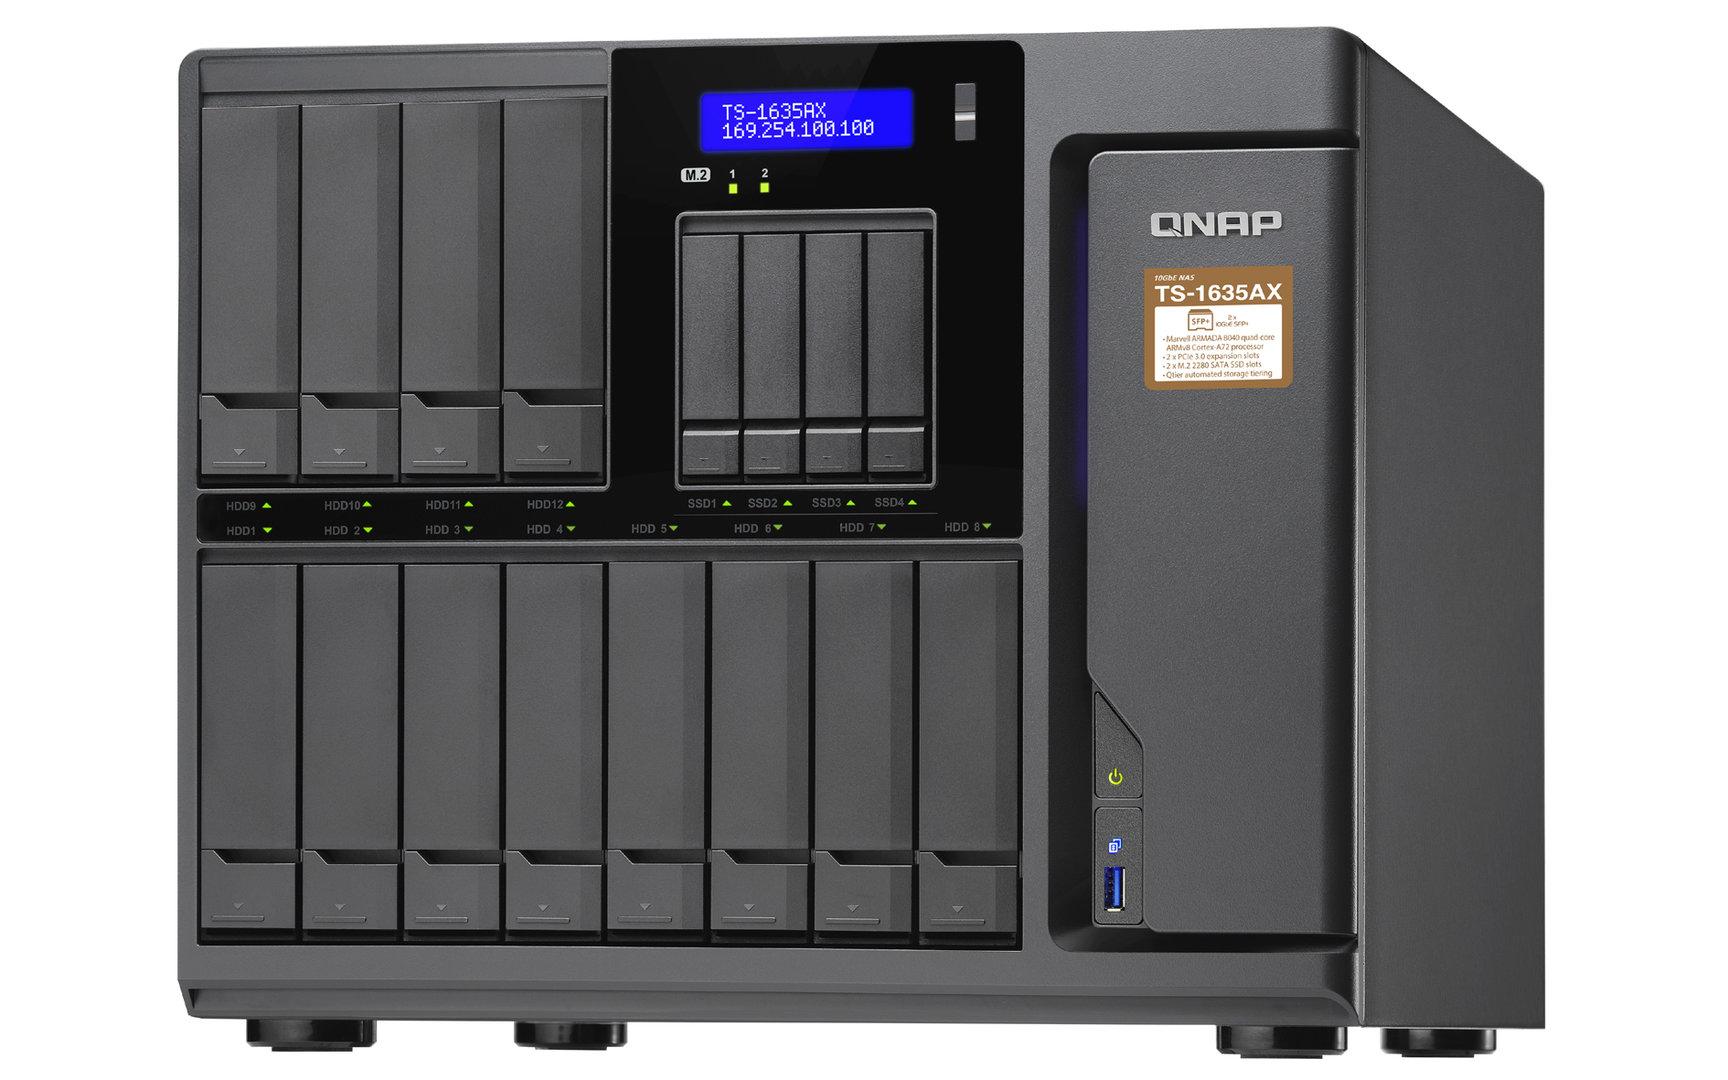 QNAP TS-1635AX